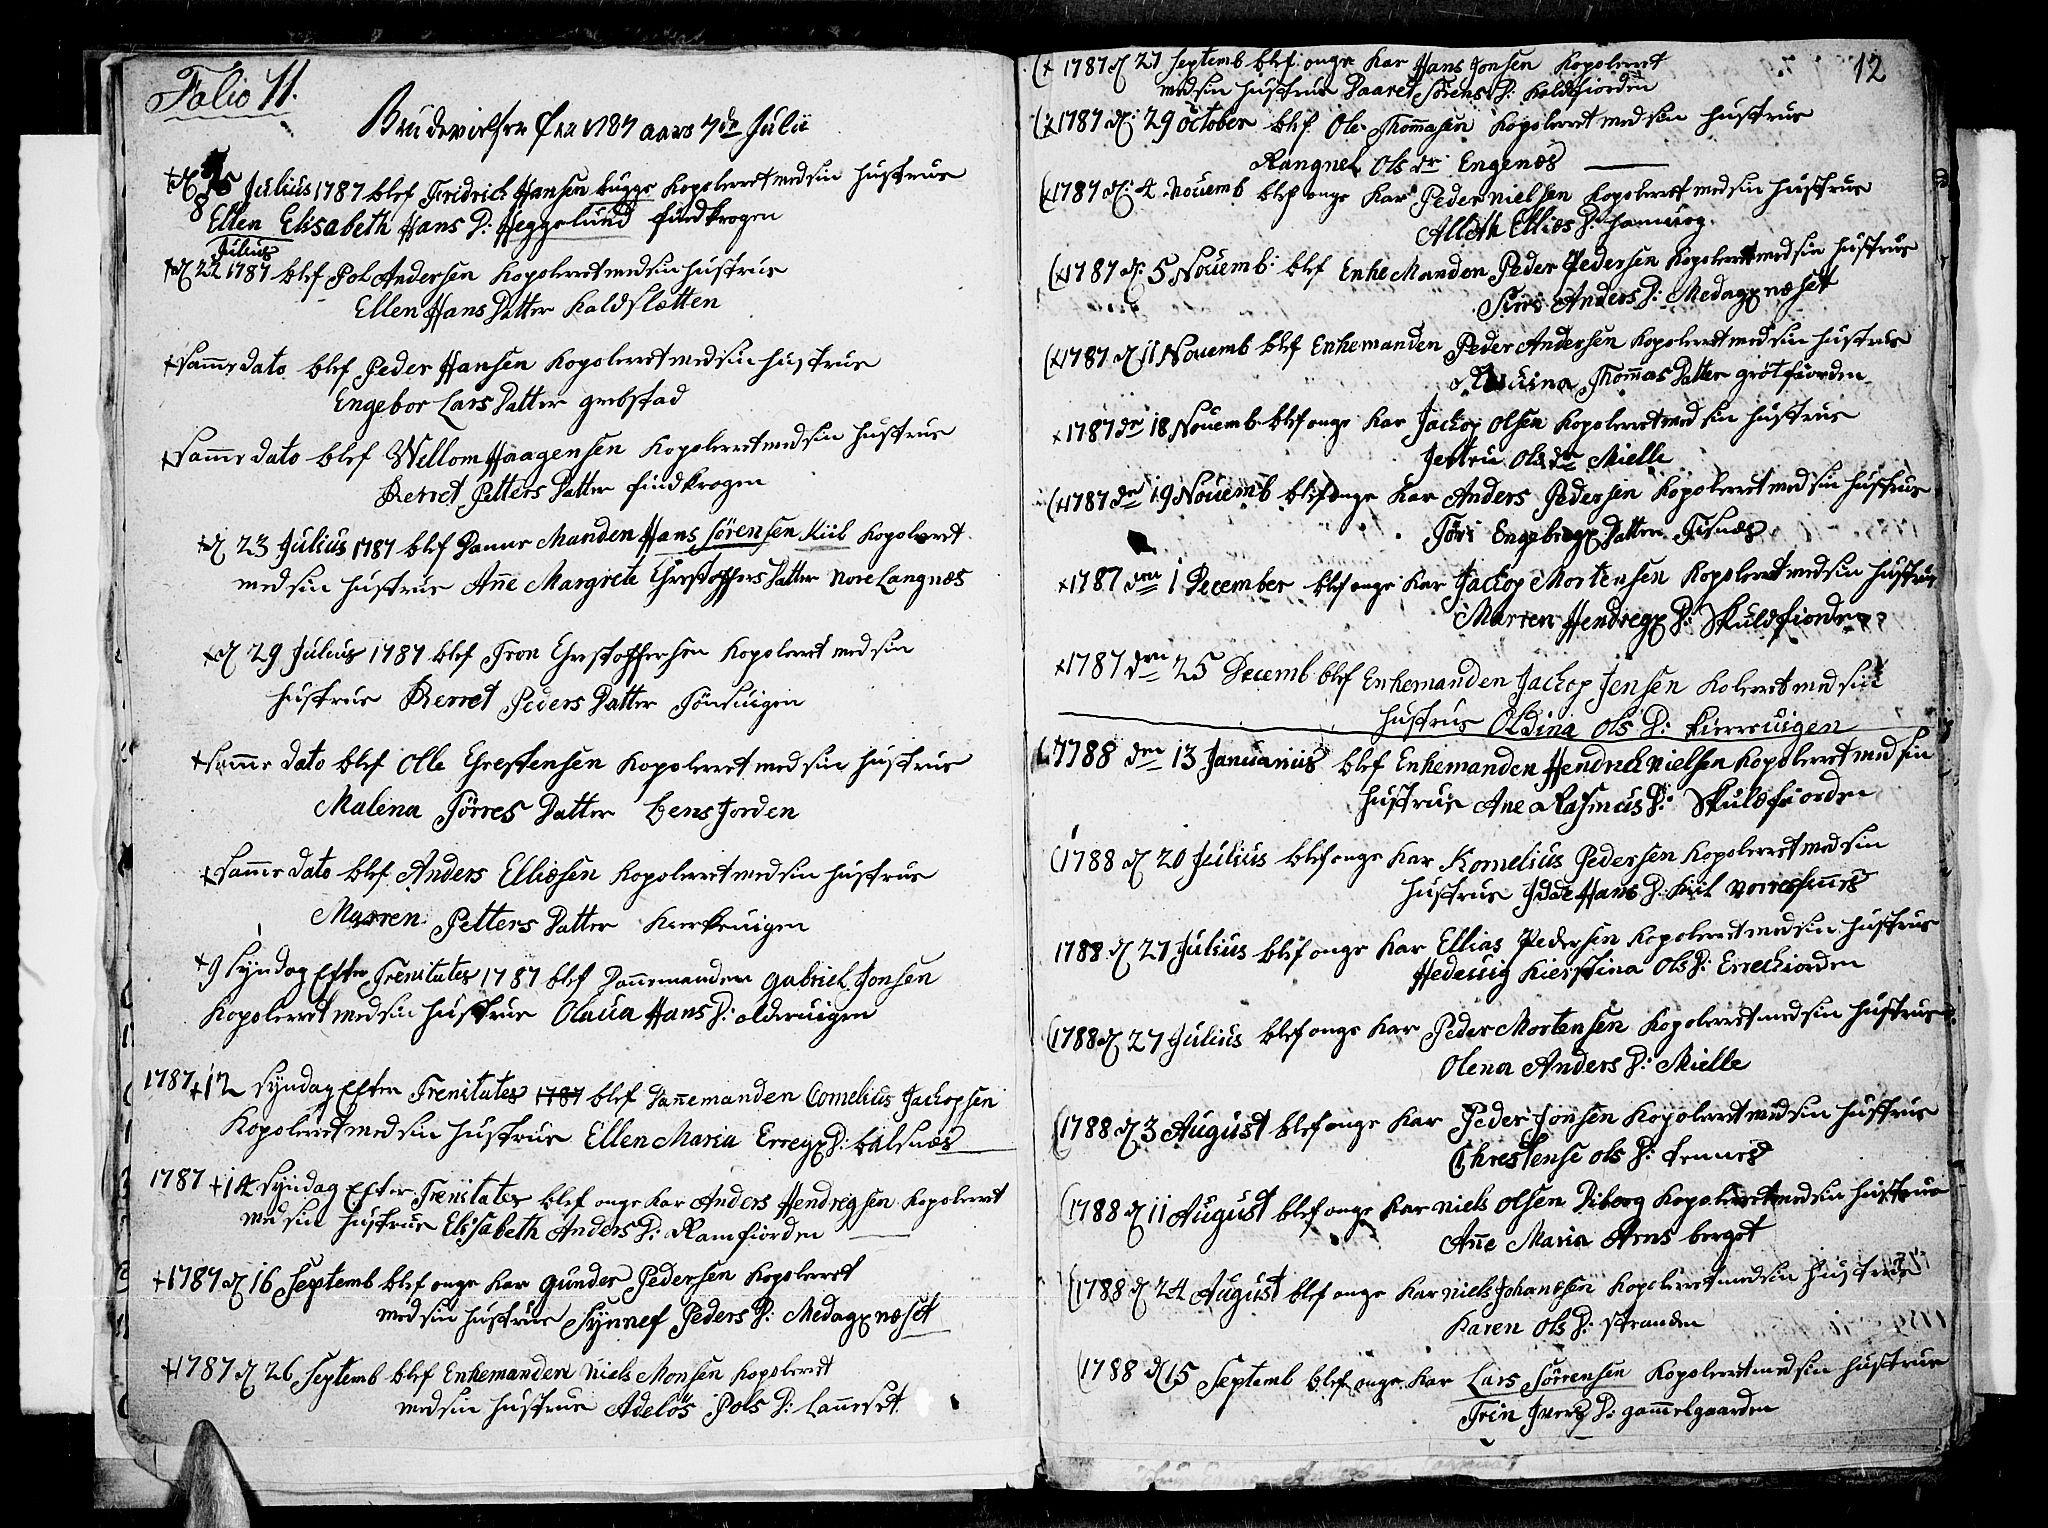 SATØ, Tromsø sokneprestkontor/stiftsprosti/domprosti, G/Ga/L0004kirke: Ministerialbok nr. 4, 1787-1795, s. 12